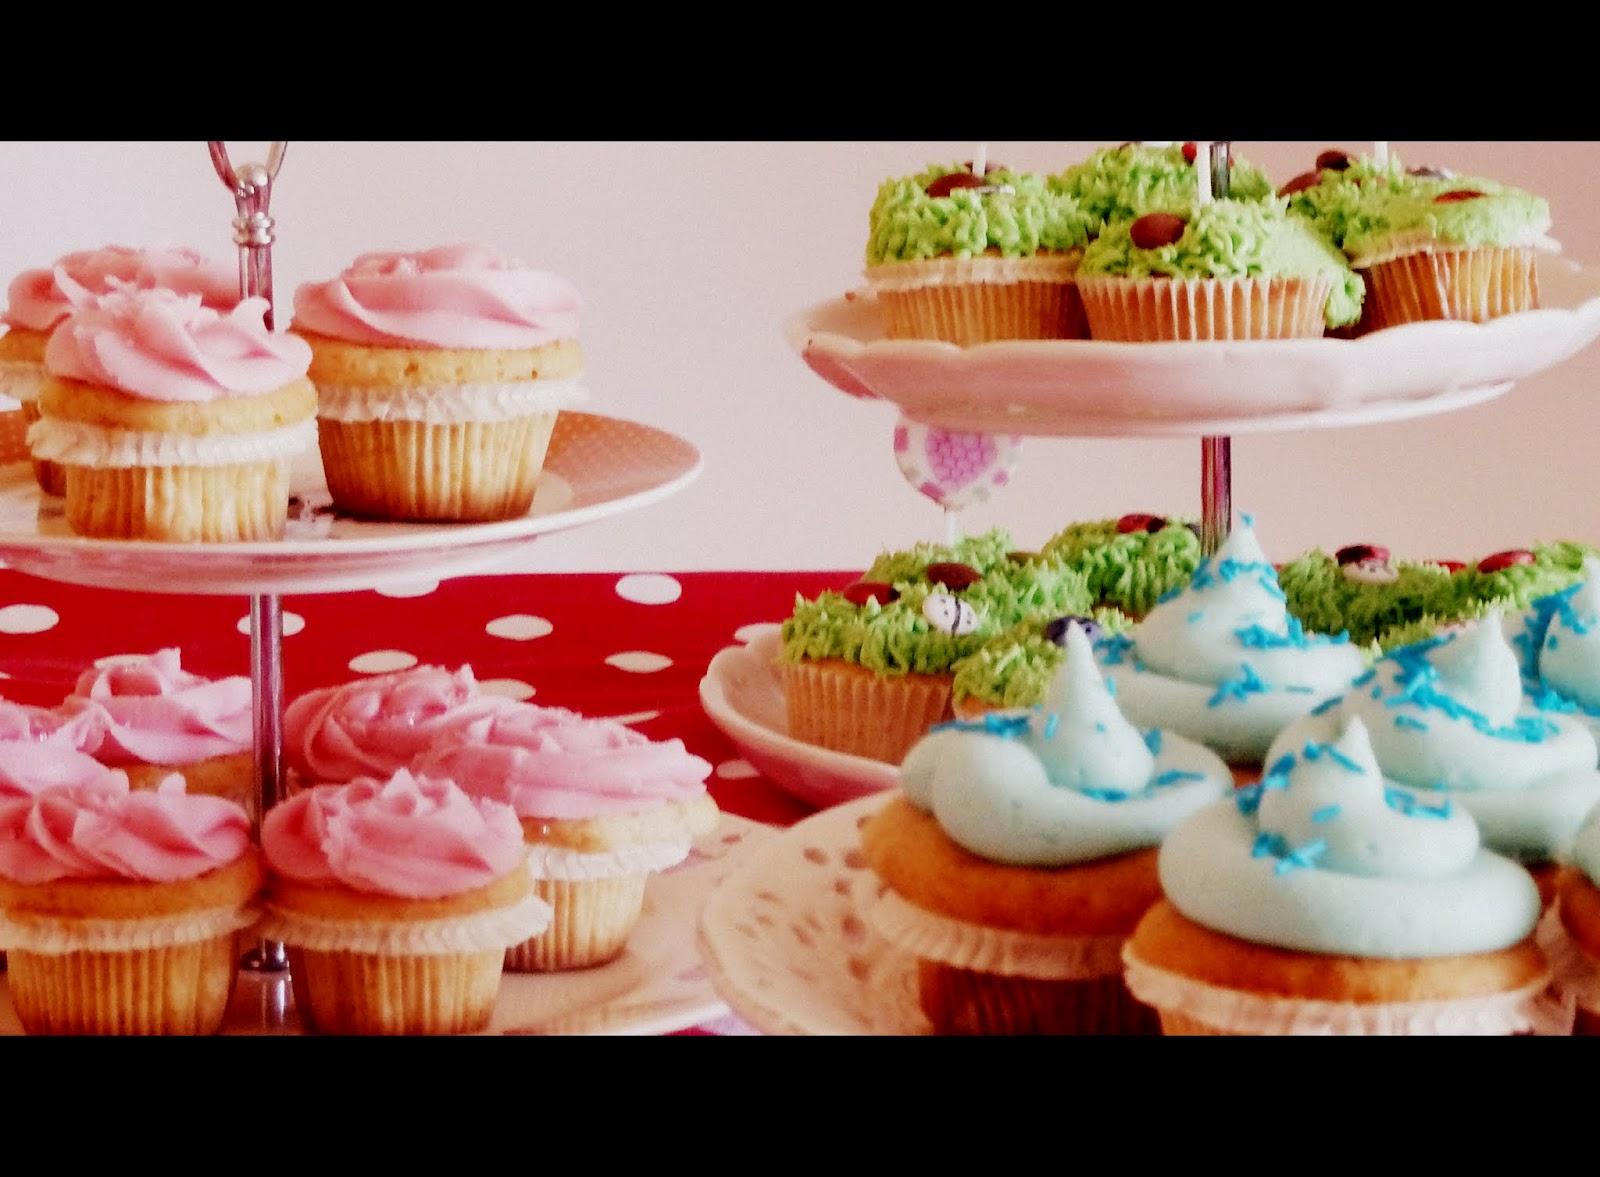 Los postres de teresa los cupcakes o magdalenas decoradas - Madalenas o magdalenas ...